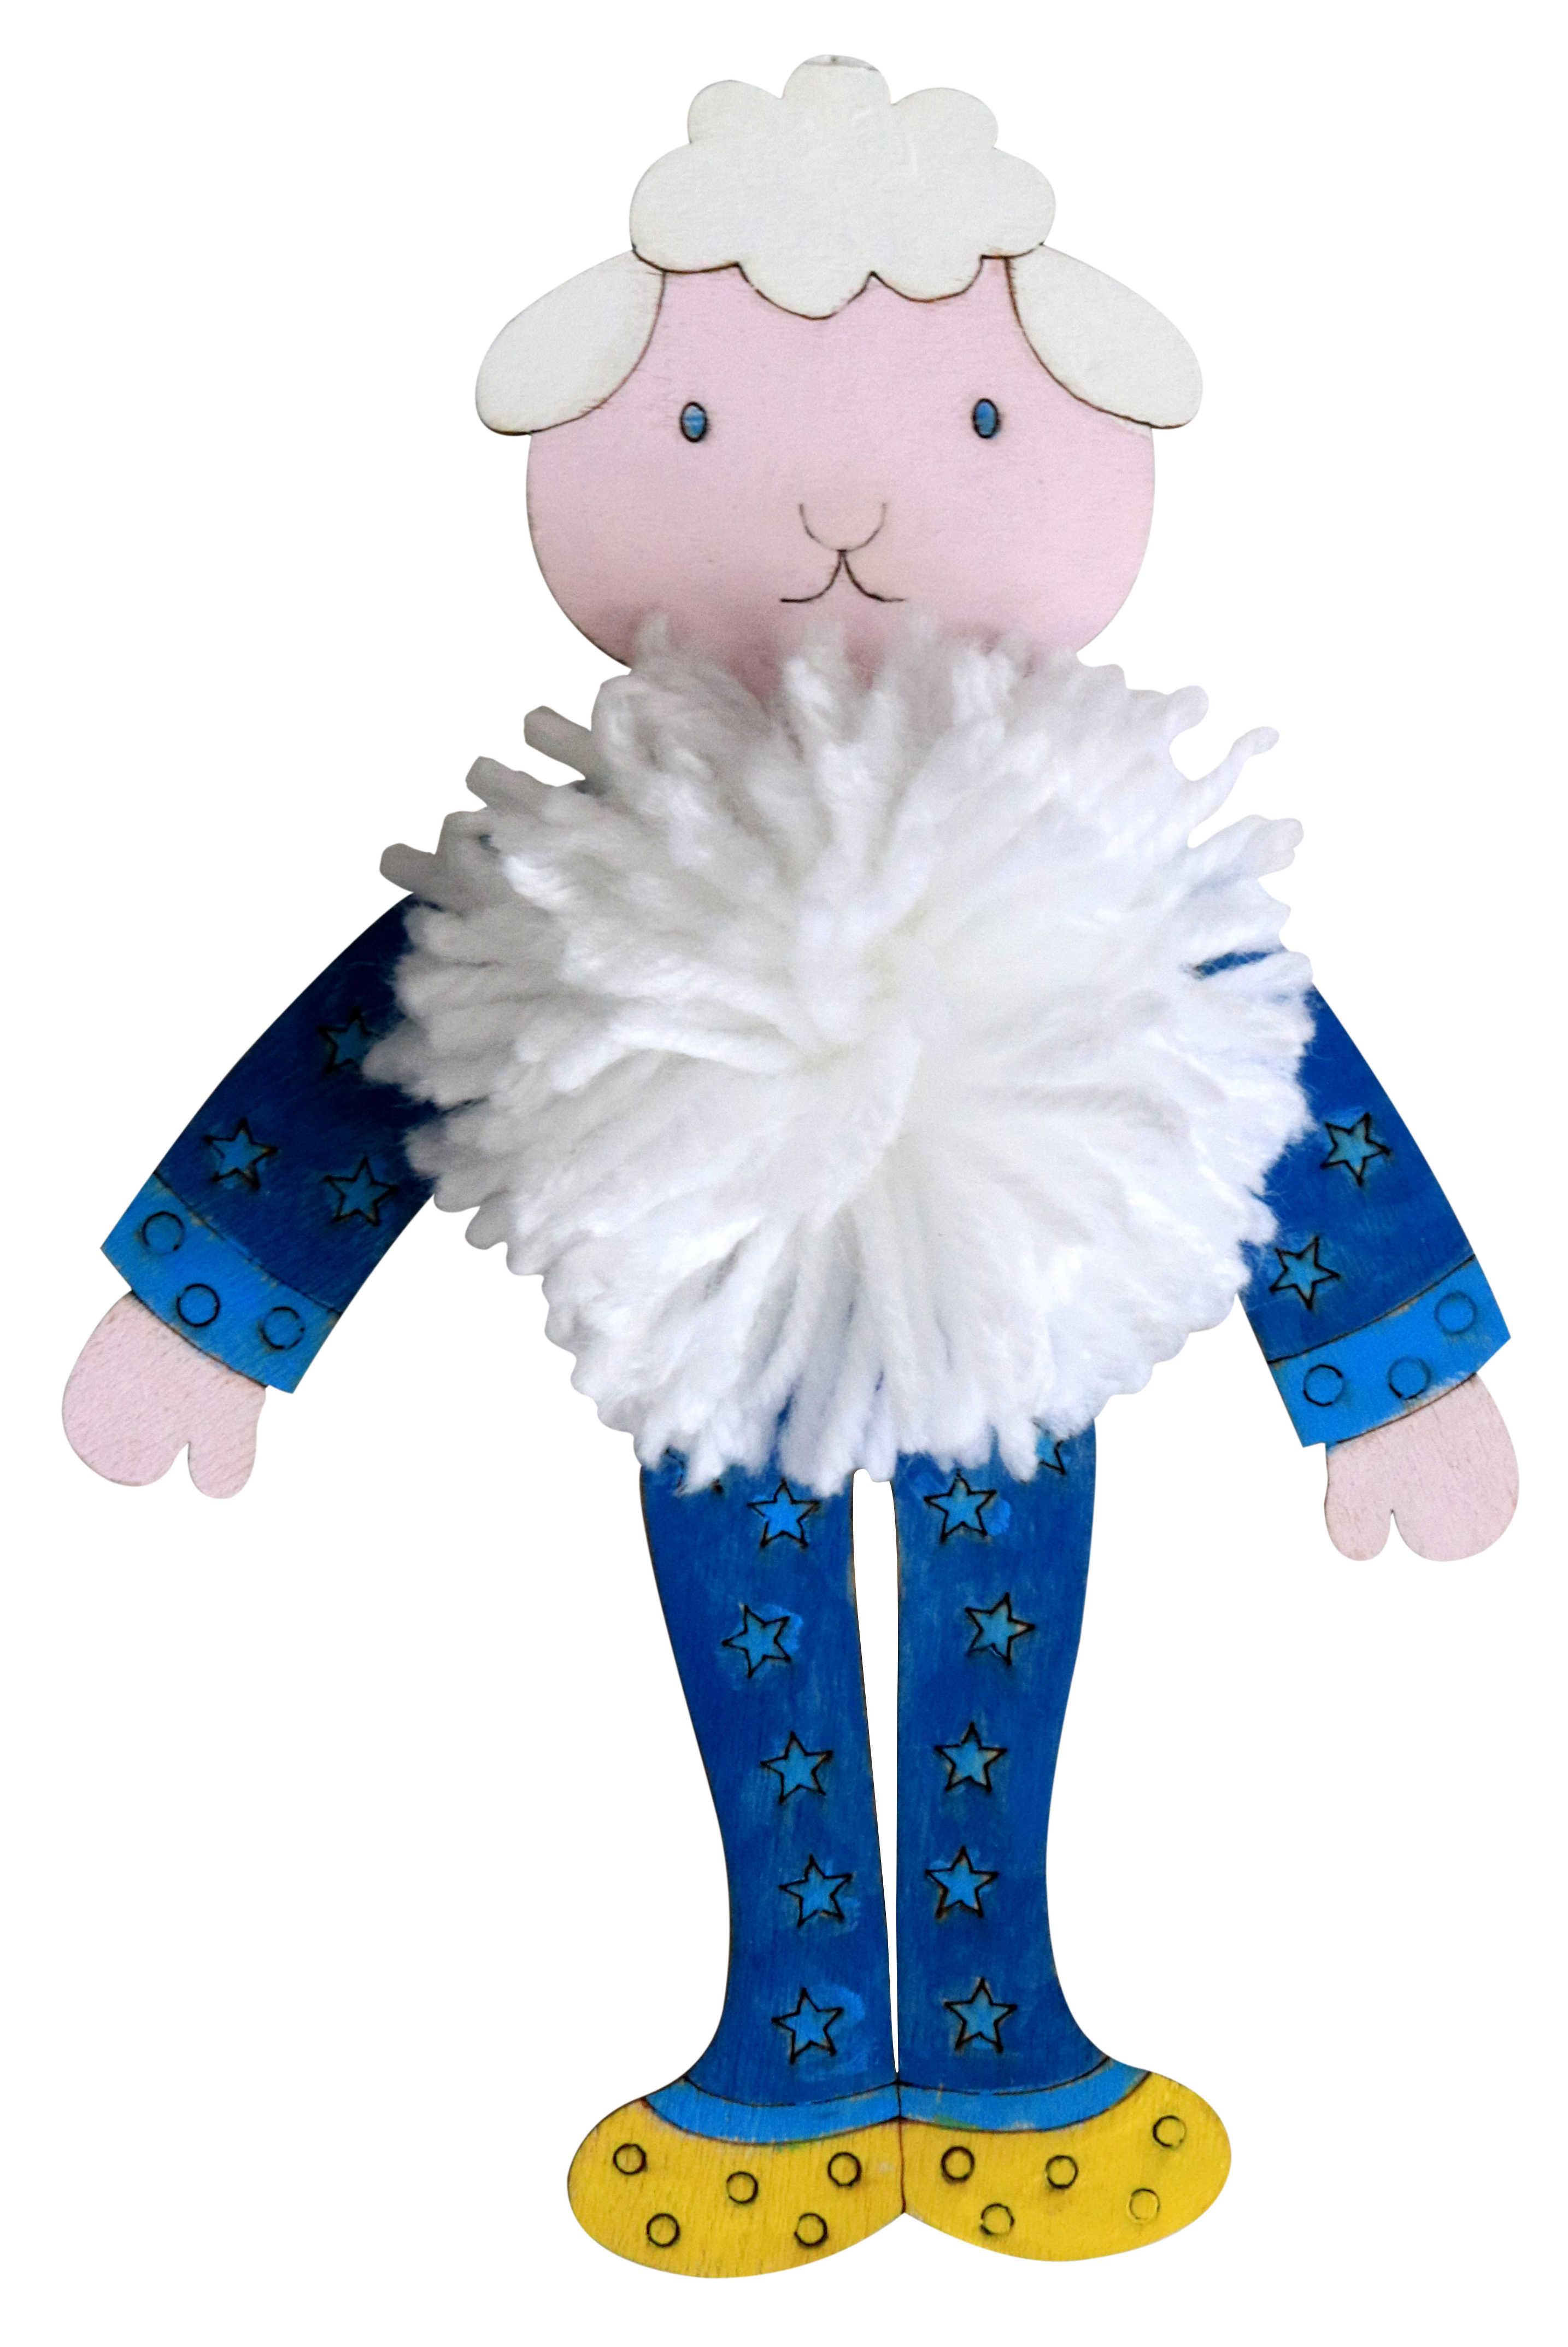 פונפון קיט - כבשה בפיג'מה